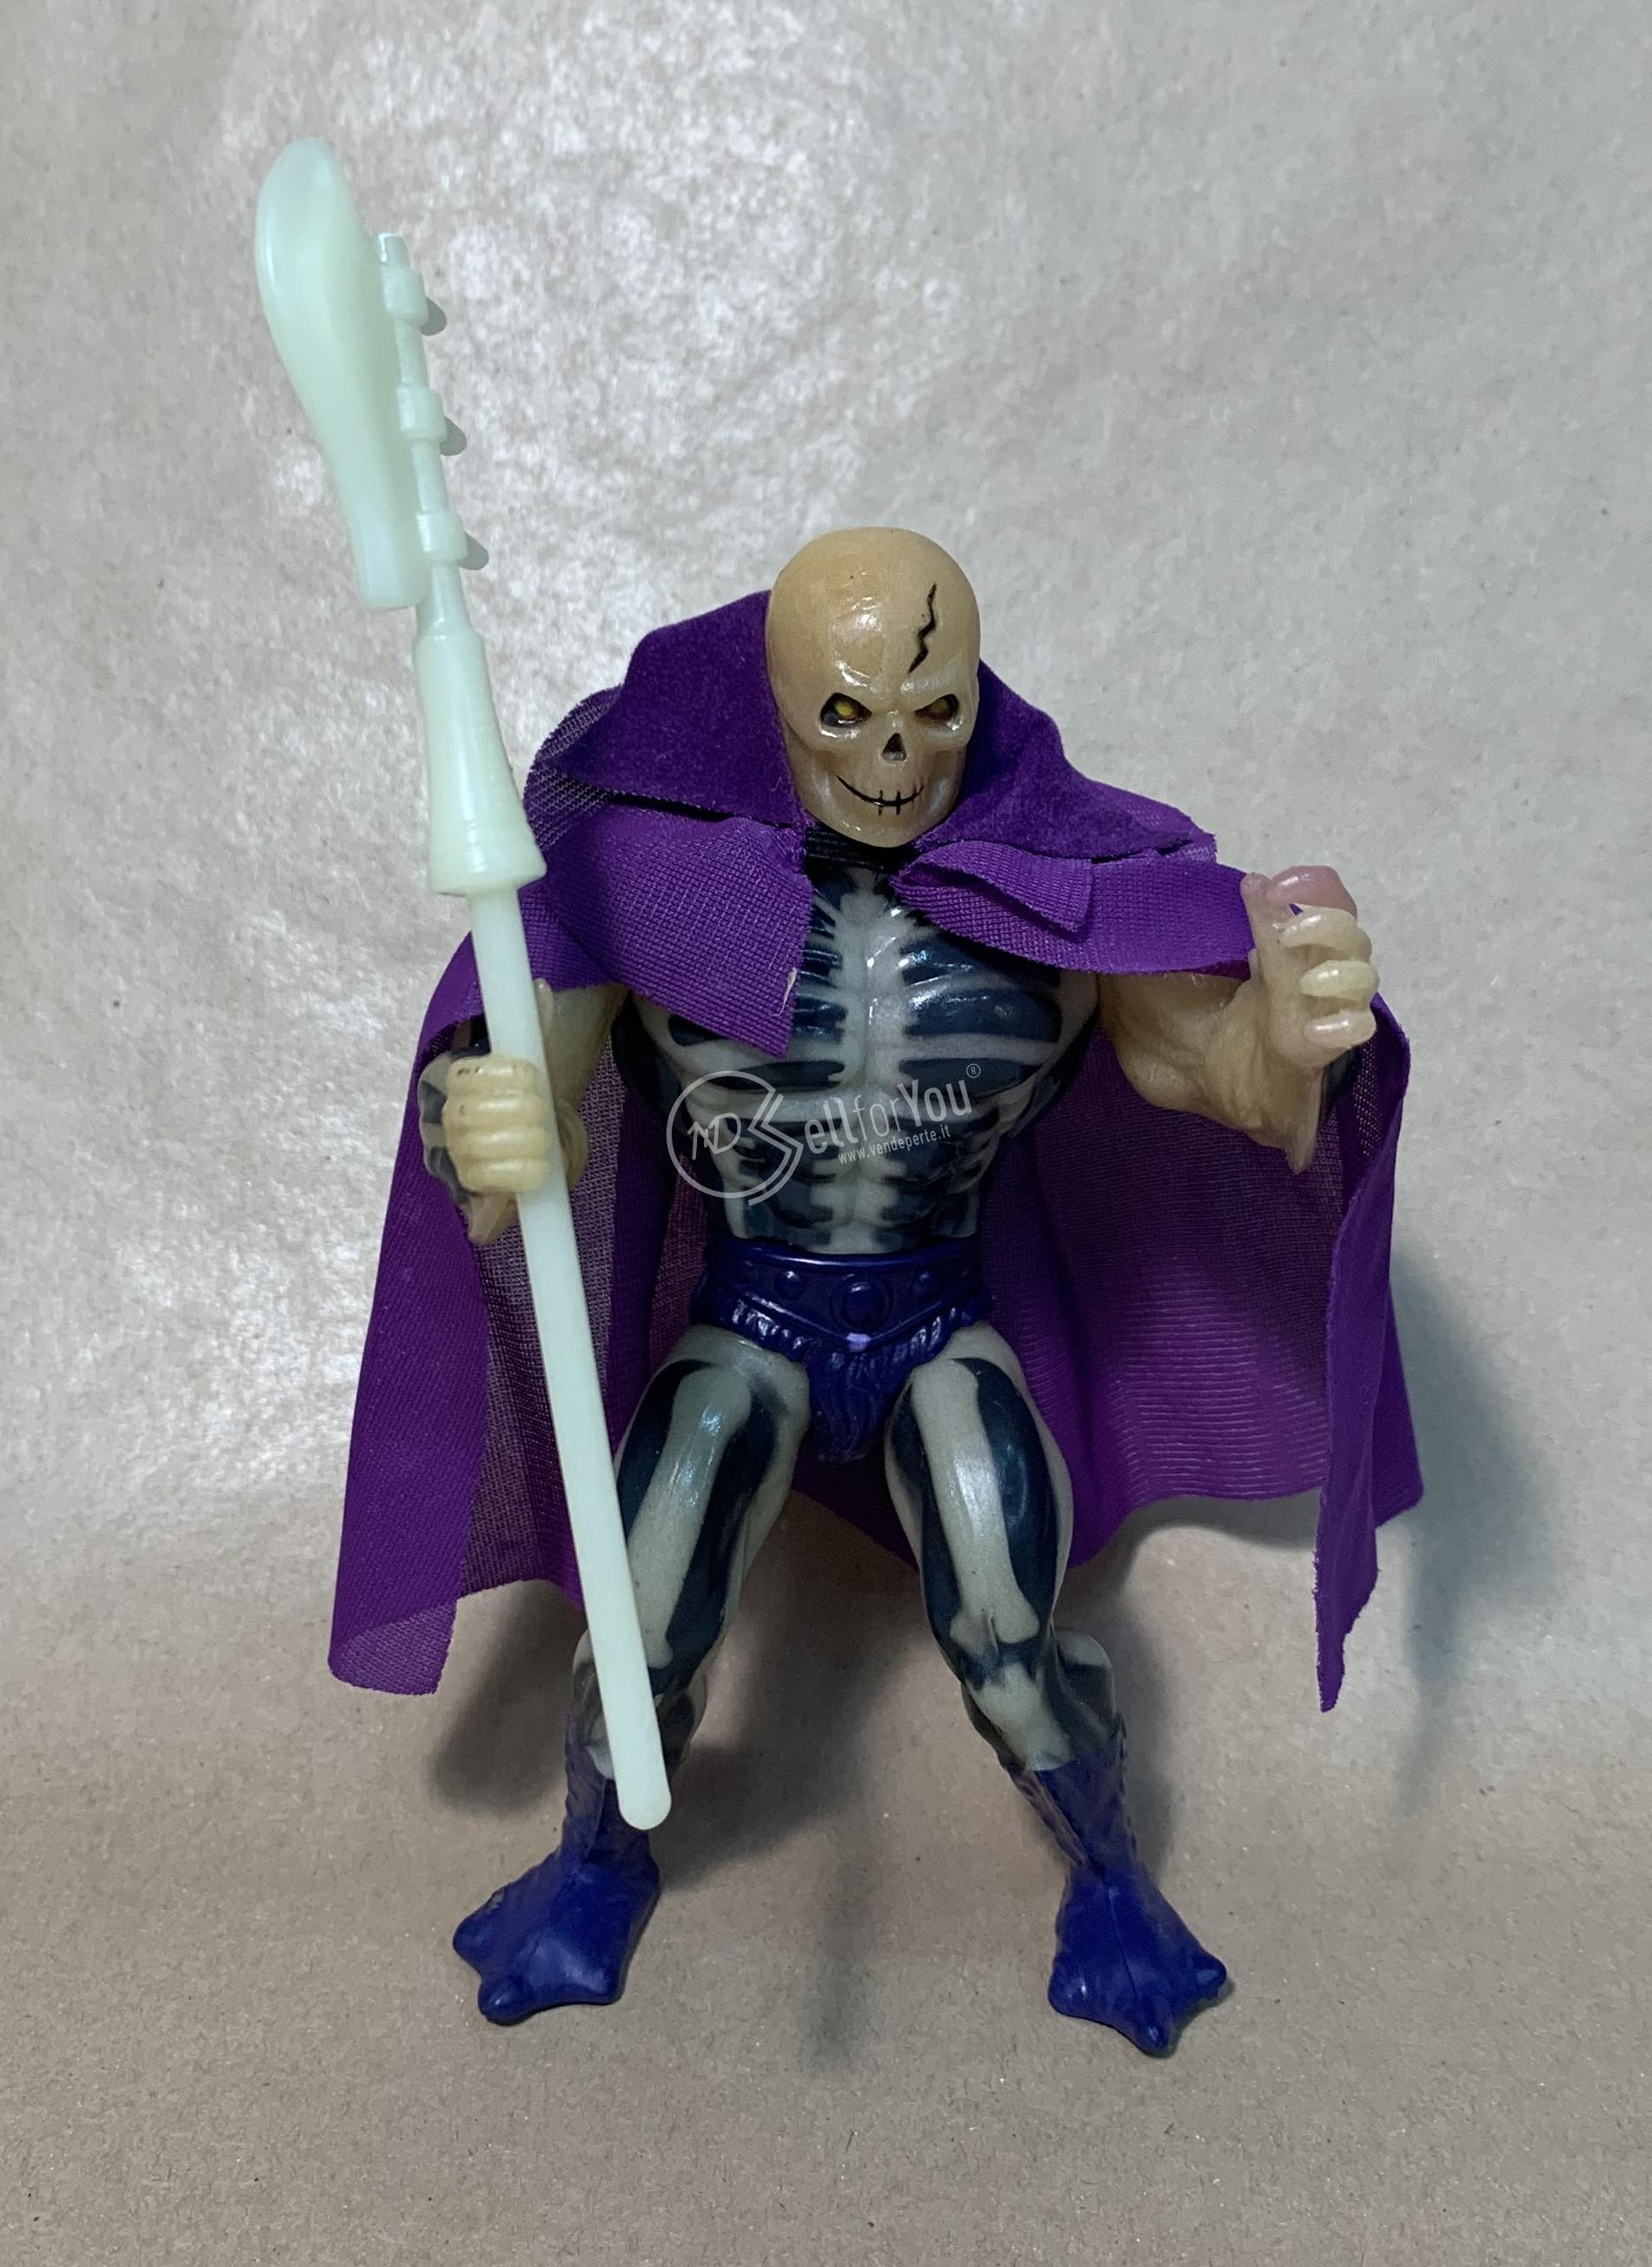 sellforyou immagine default articolo correlato non trovatoMasters of the Universe Scare Glow anni '80 Mattel     2